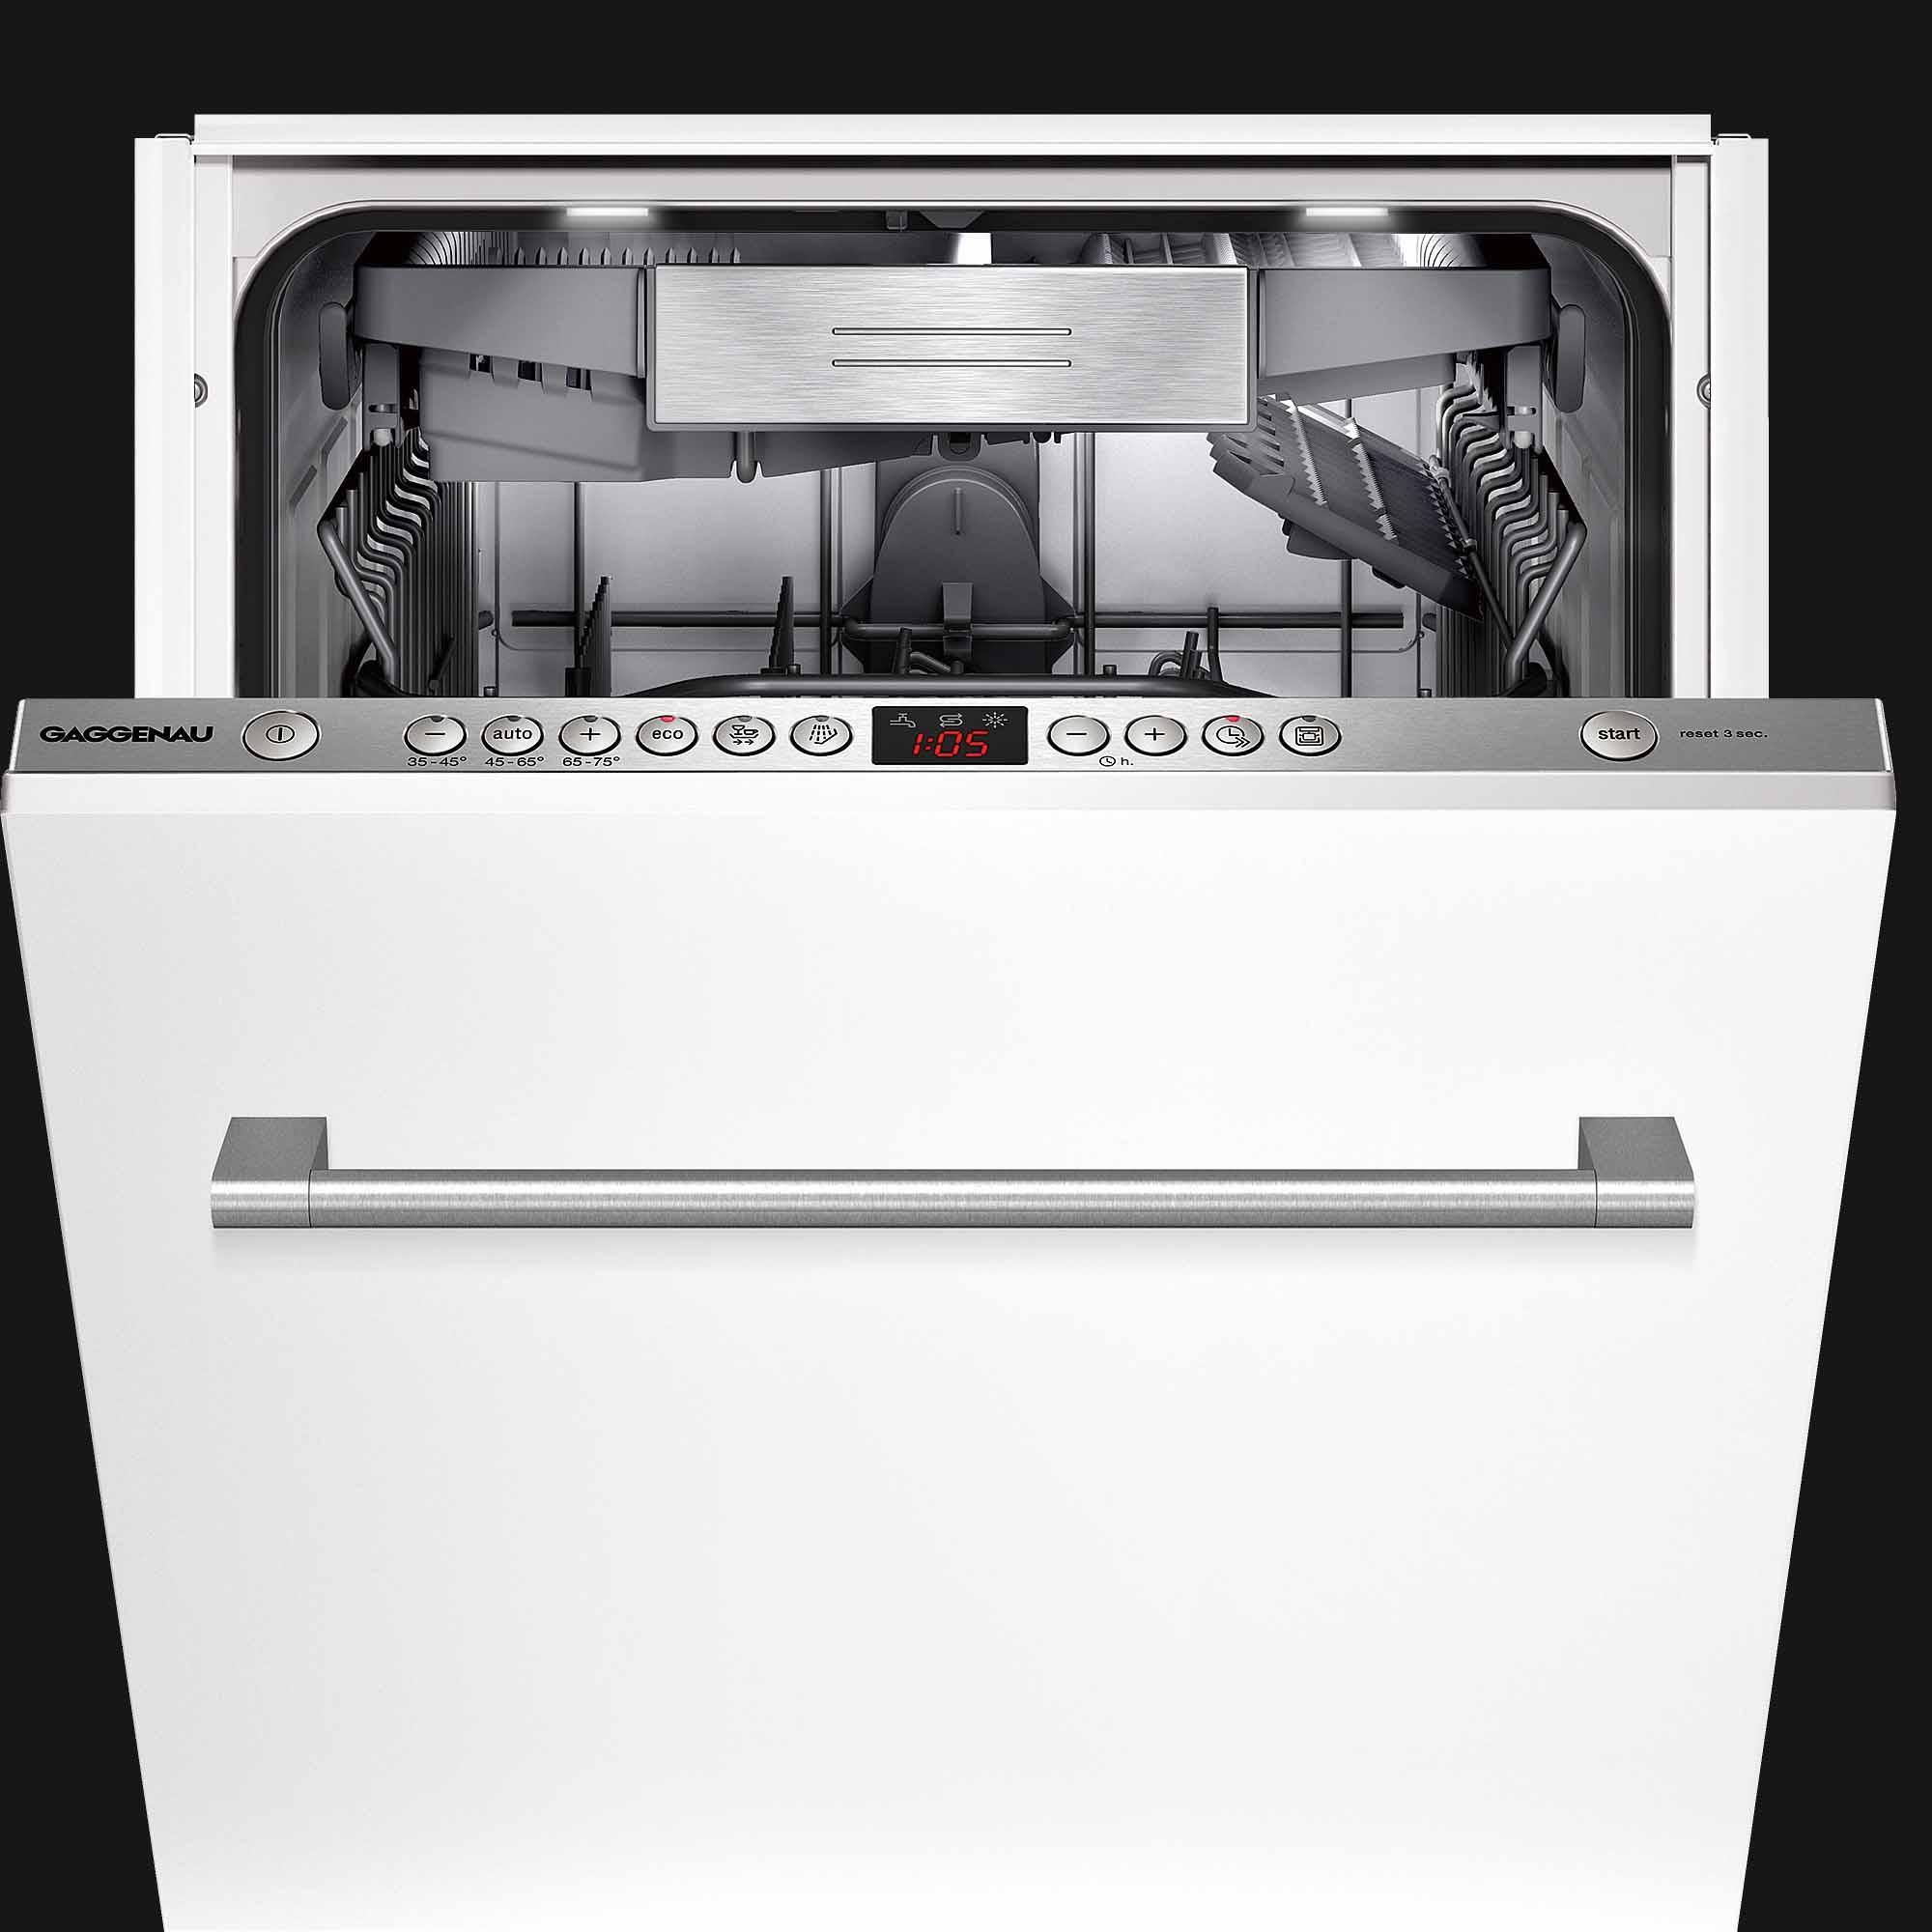 Посудомийна машина GAGGENAU DF250161